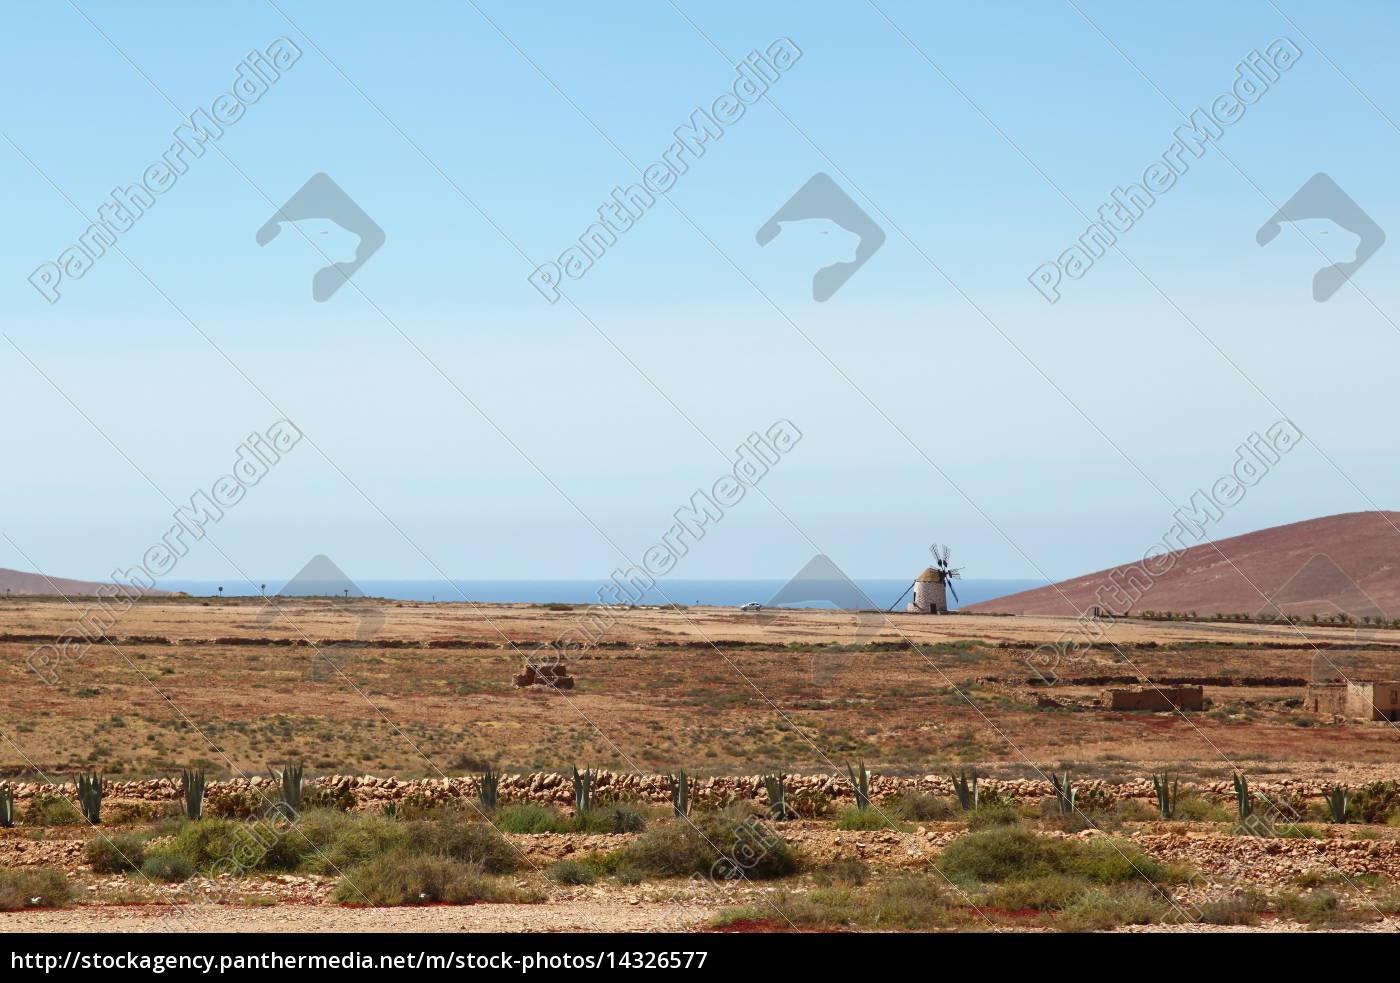 horisont, ferie, kanariske øer, de kanariske øer, landskab, natur - 14326577